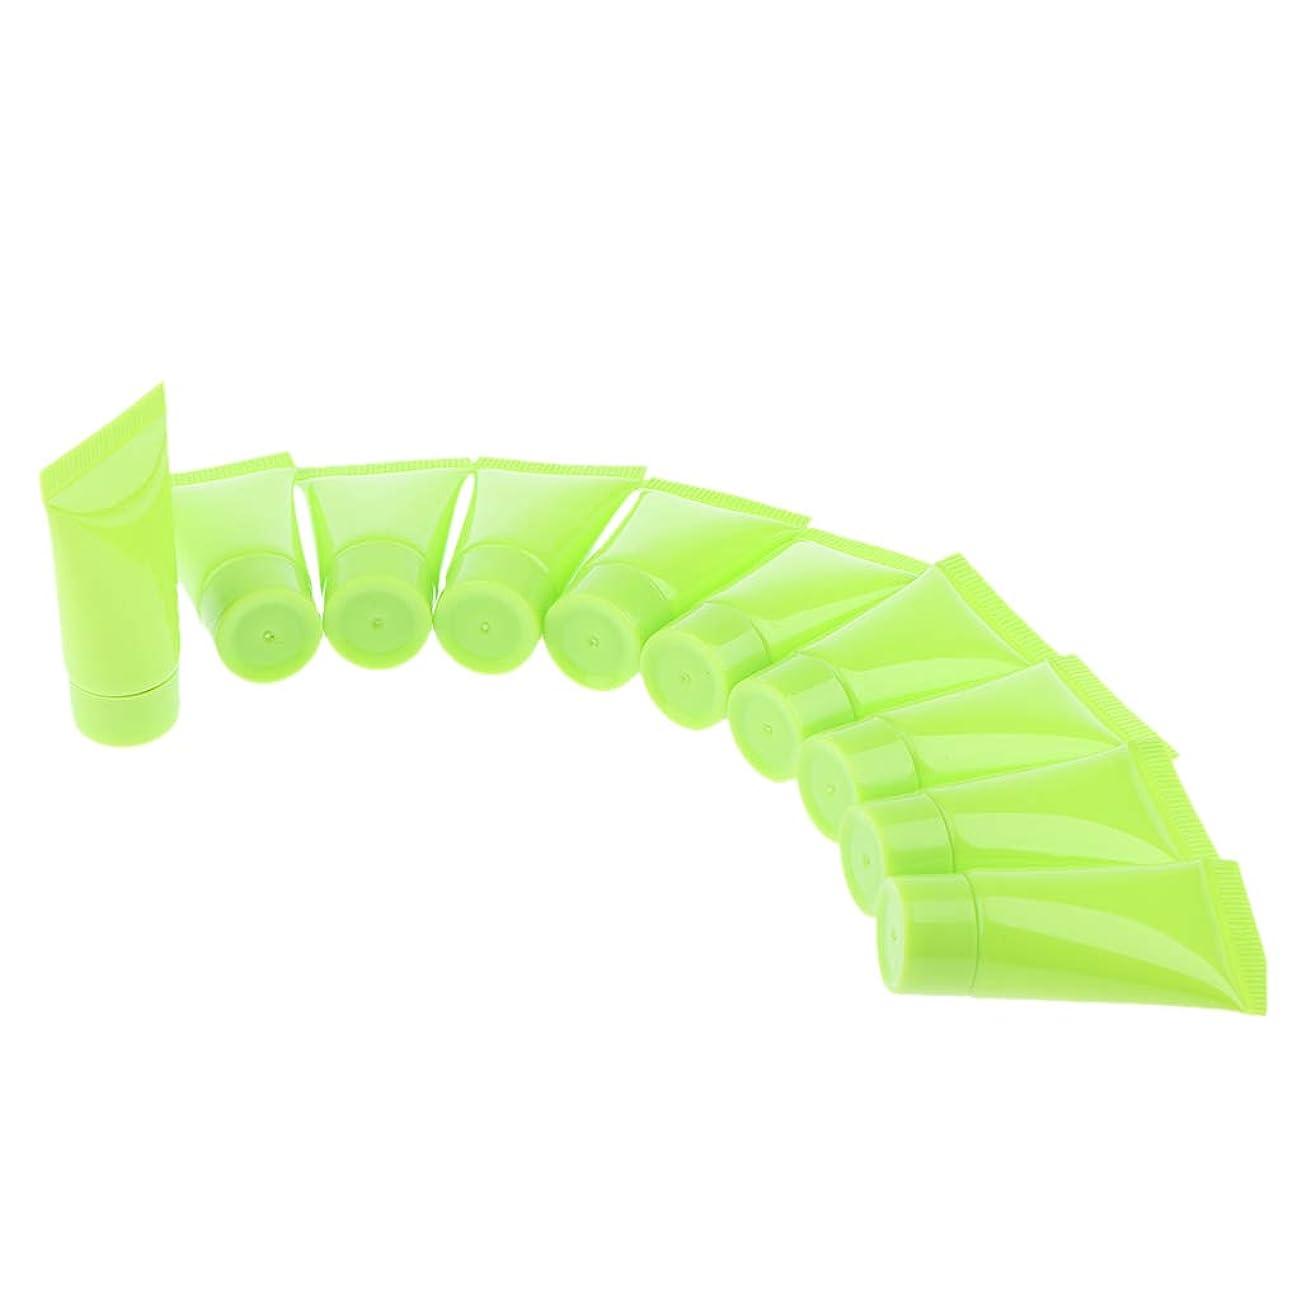 モーテルモネアーカイブB Baosity 10個 メイクアップチューブ クリームボトル 旅行 小分け 便利 3色選べ - 緑